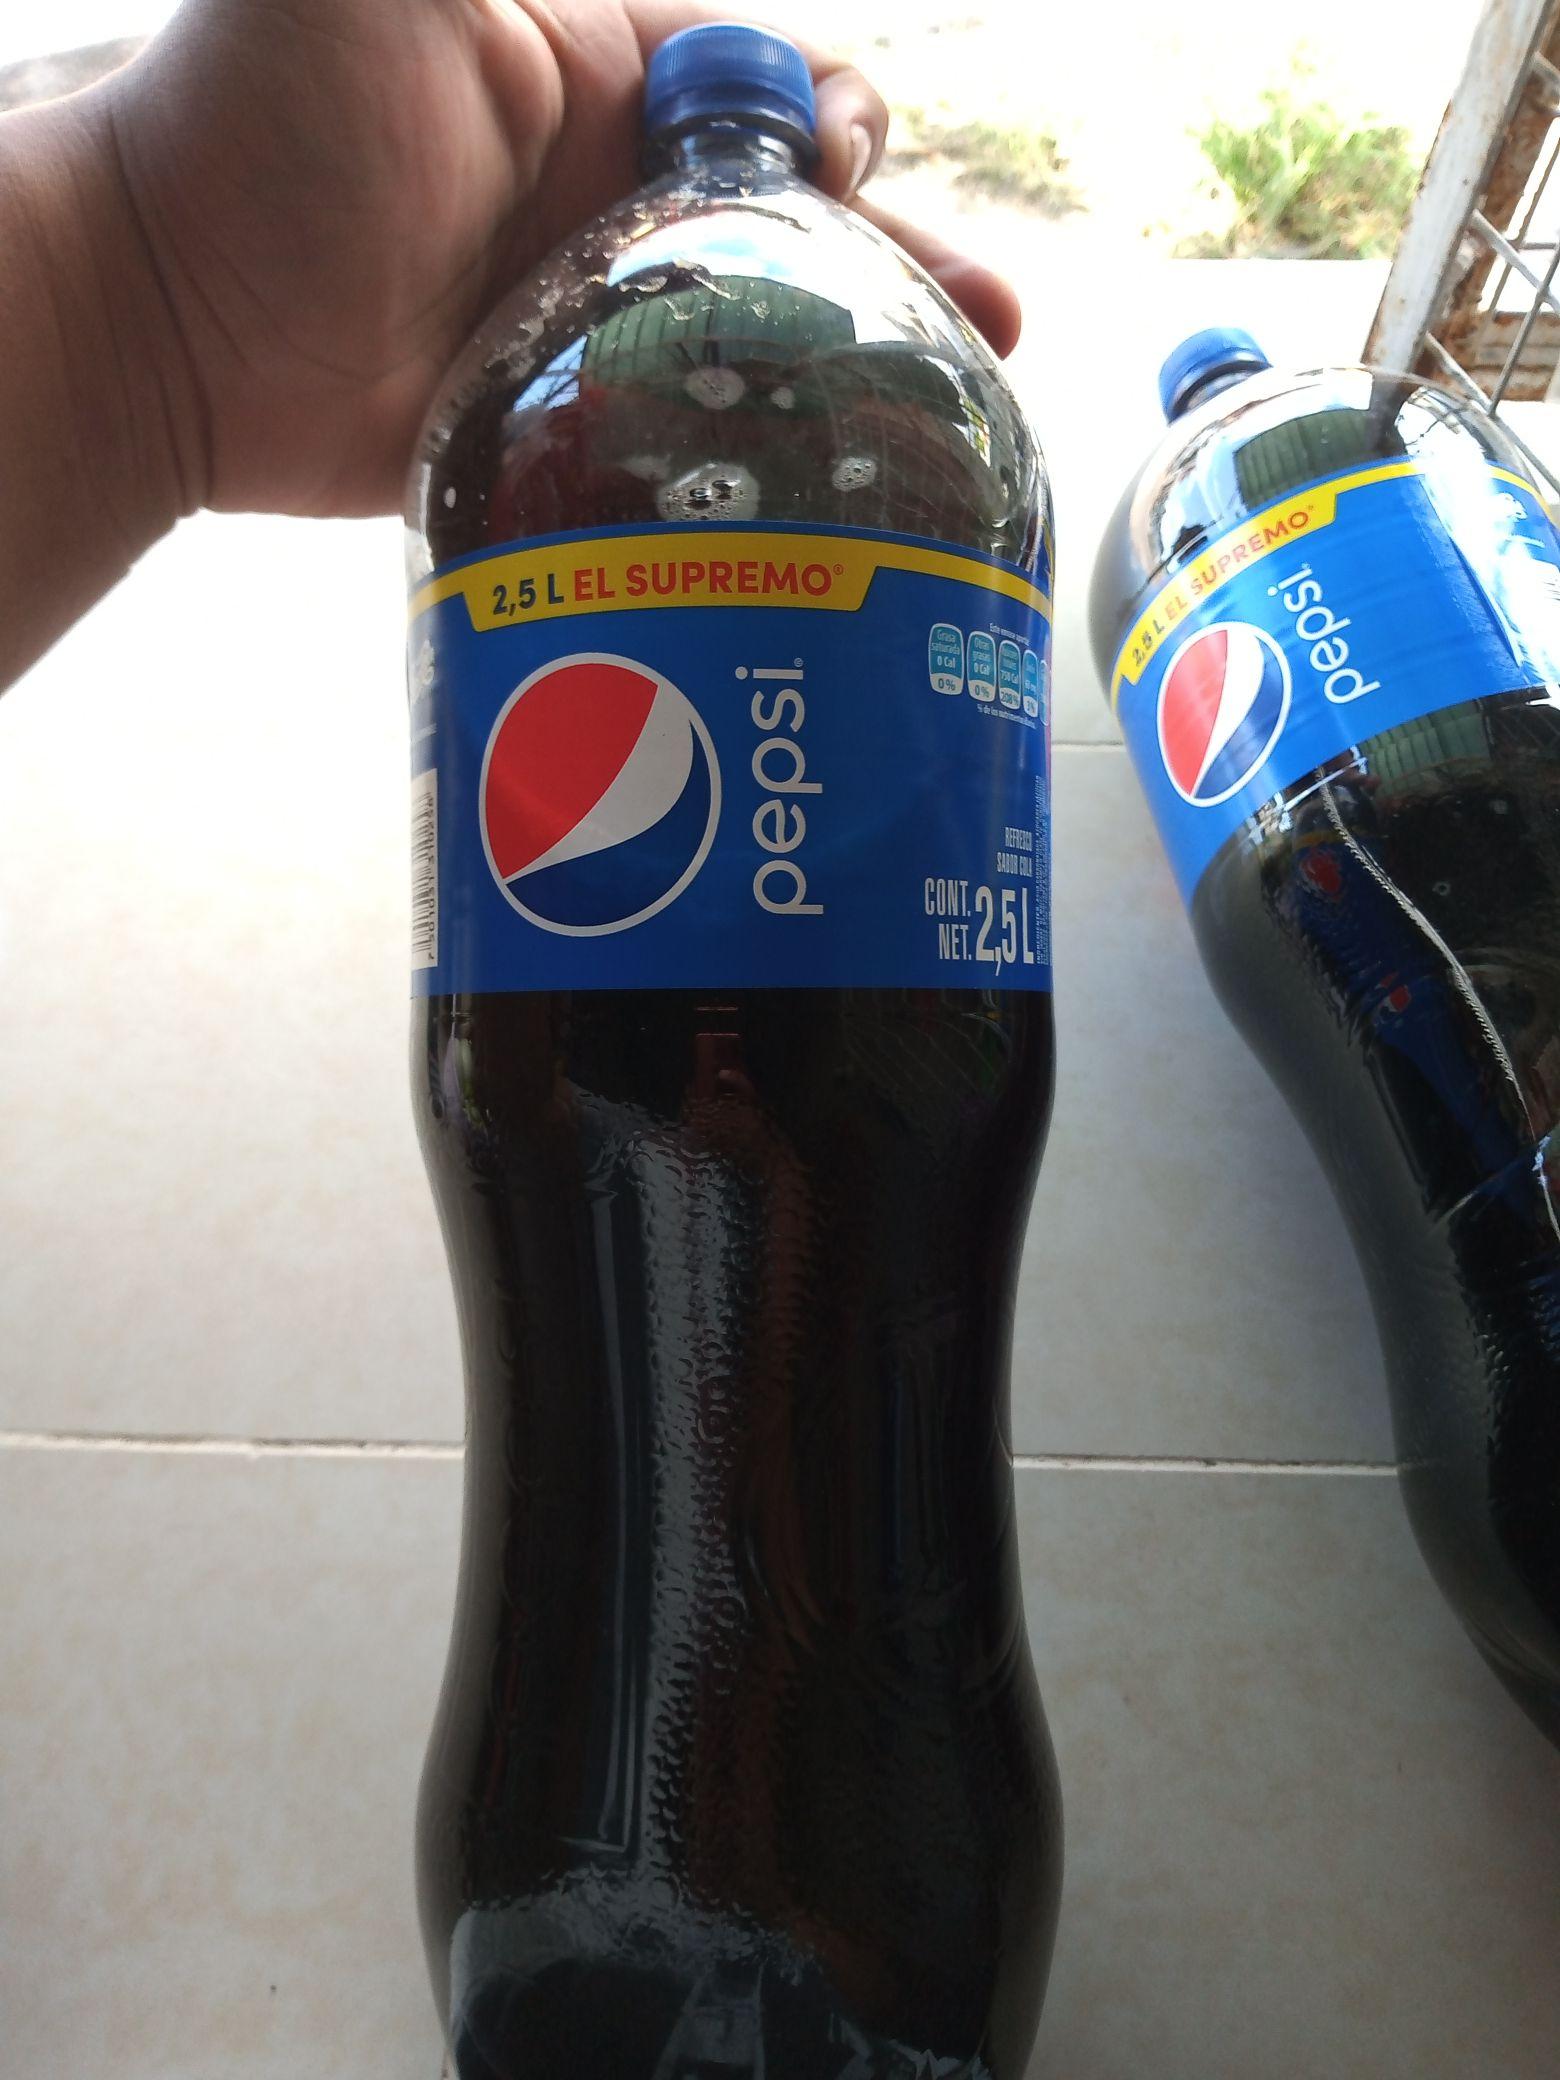 Soriana Hiper: Refresco Pepsi 2.5 litros